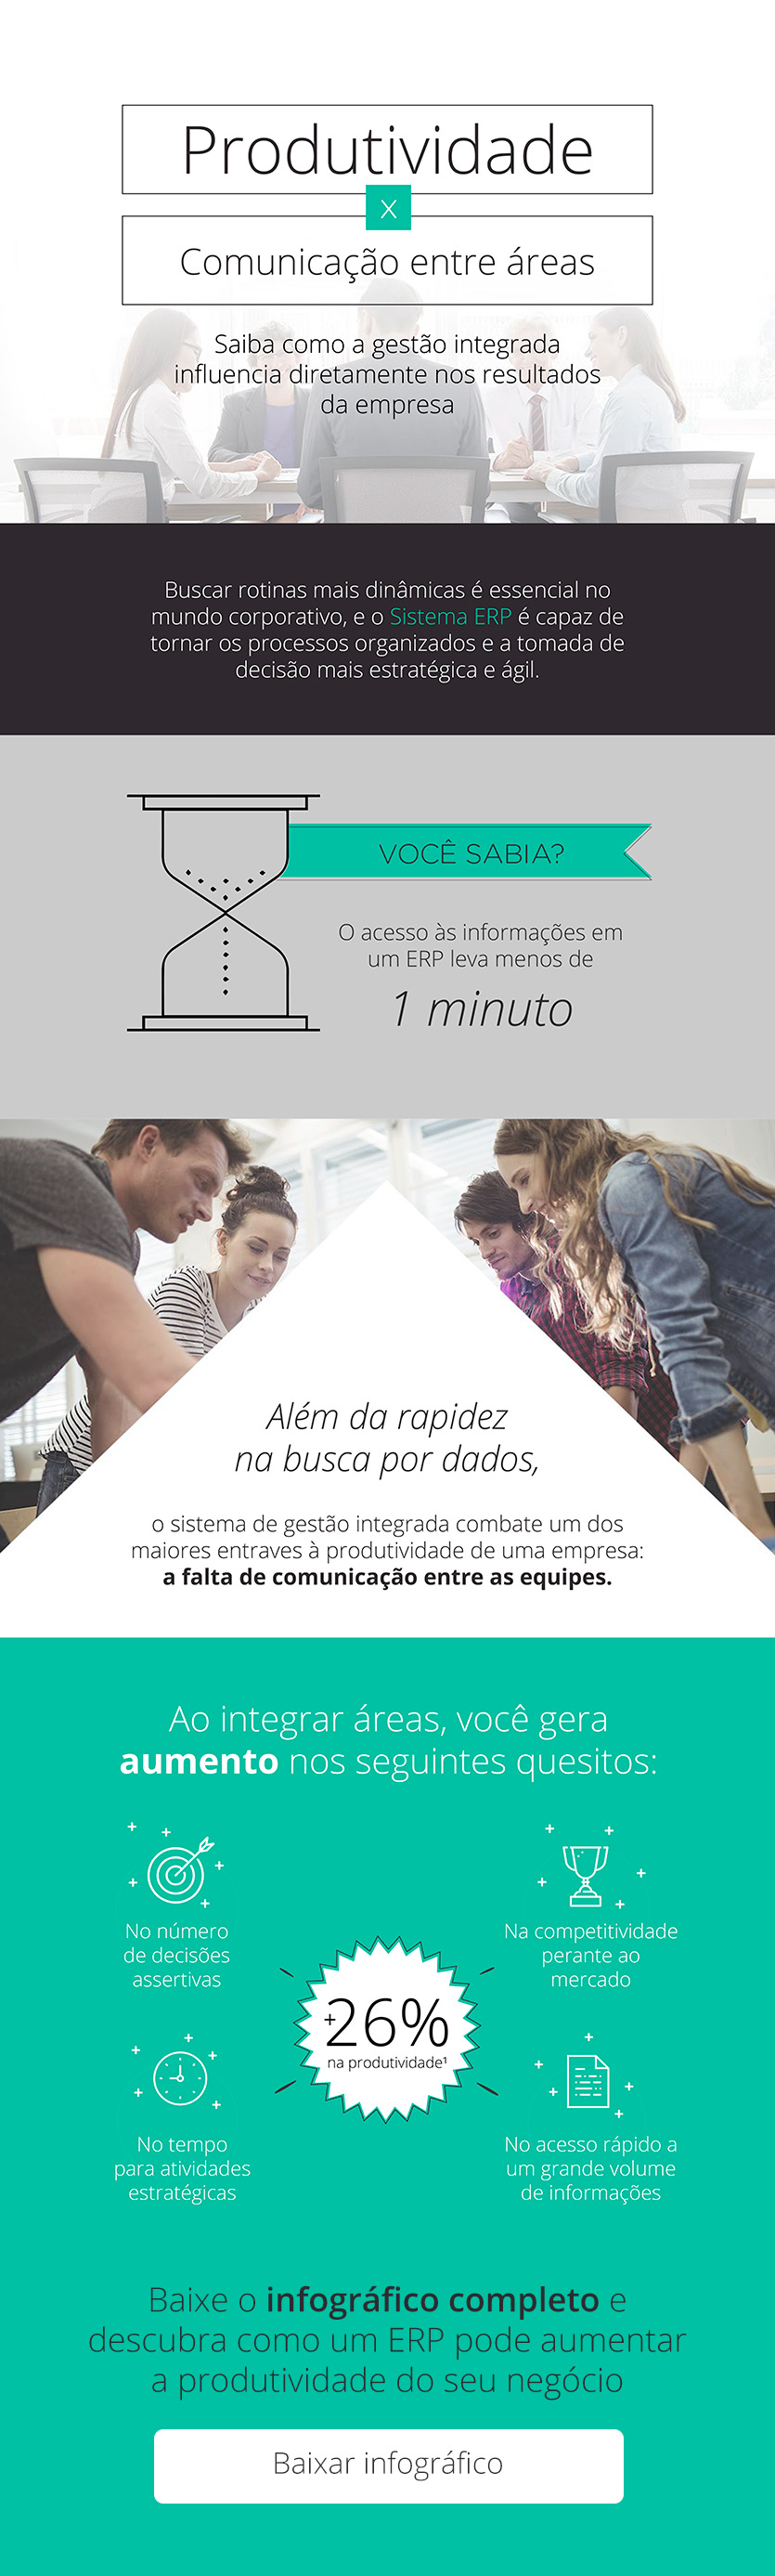 infográfico - comunicação entre áreas aumenta a produtividade